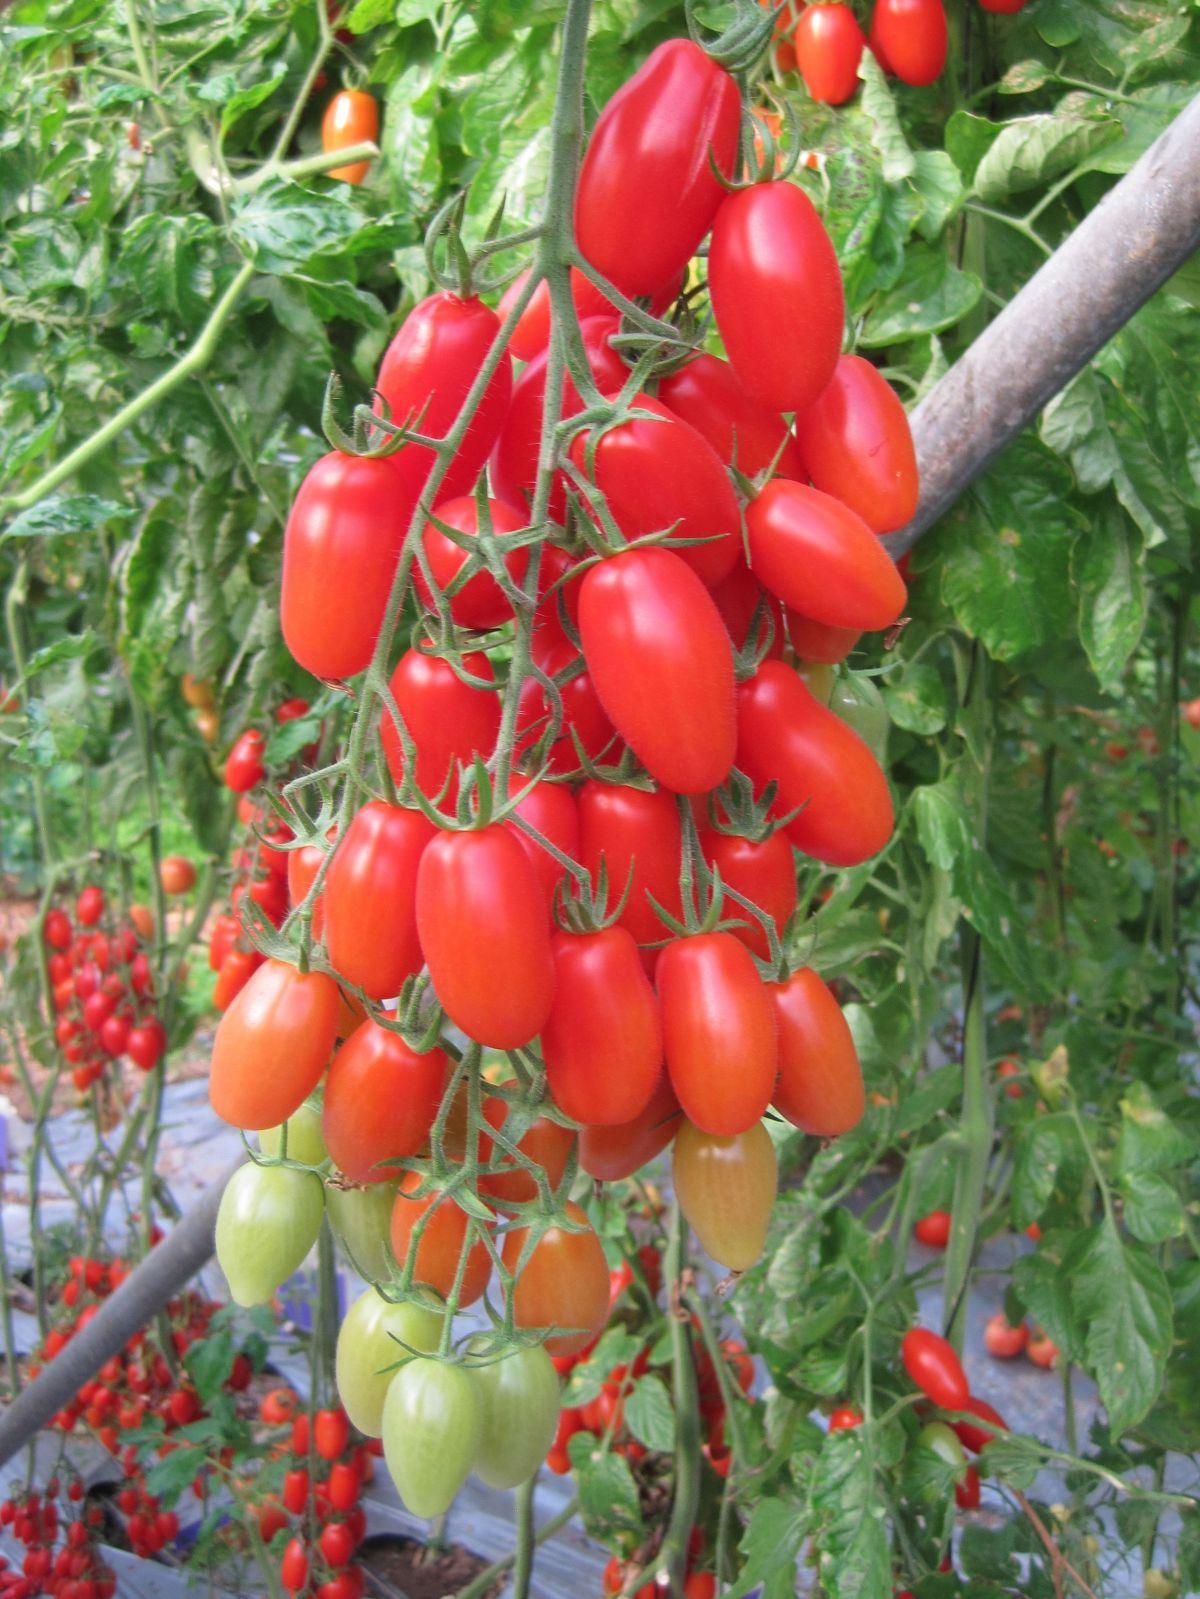 Dieses Foto zeigt das Ergebnis des Forschungsteams: Die Tomatenpflanze hat schwach verzweigte Blütenstände, die mehr Früchte ausbilden.